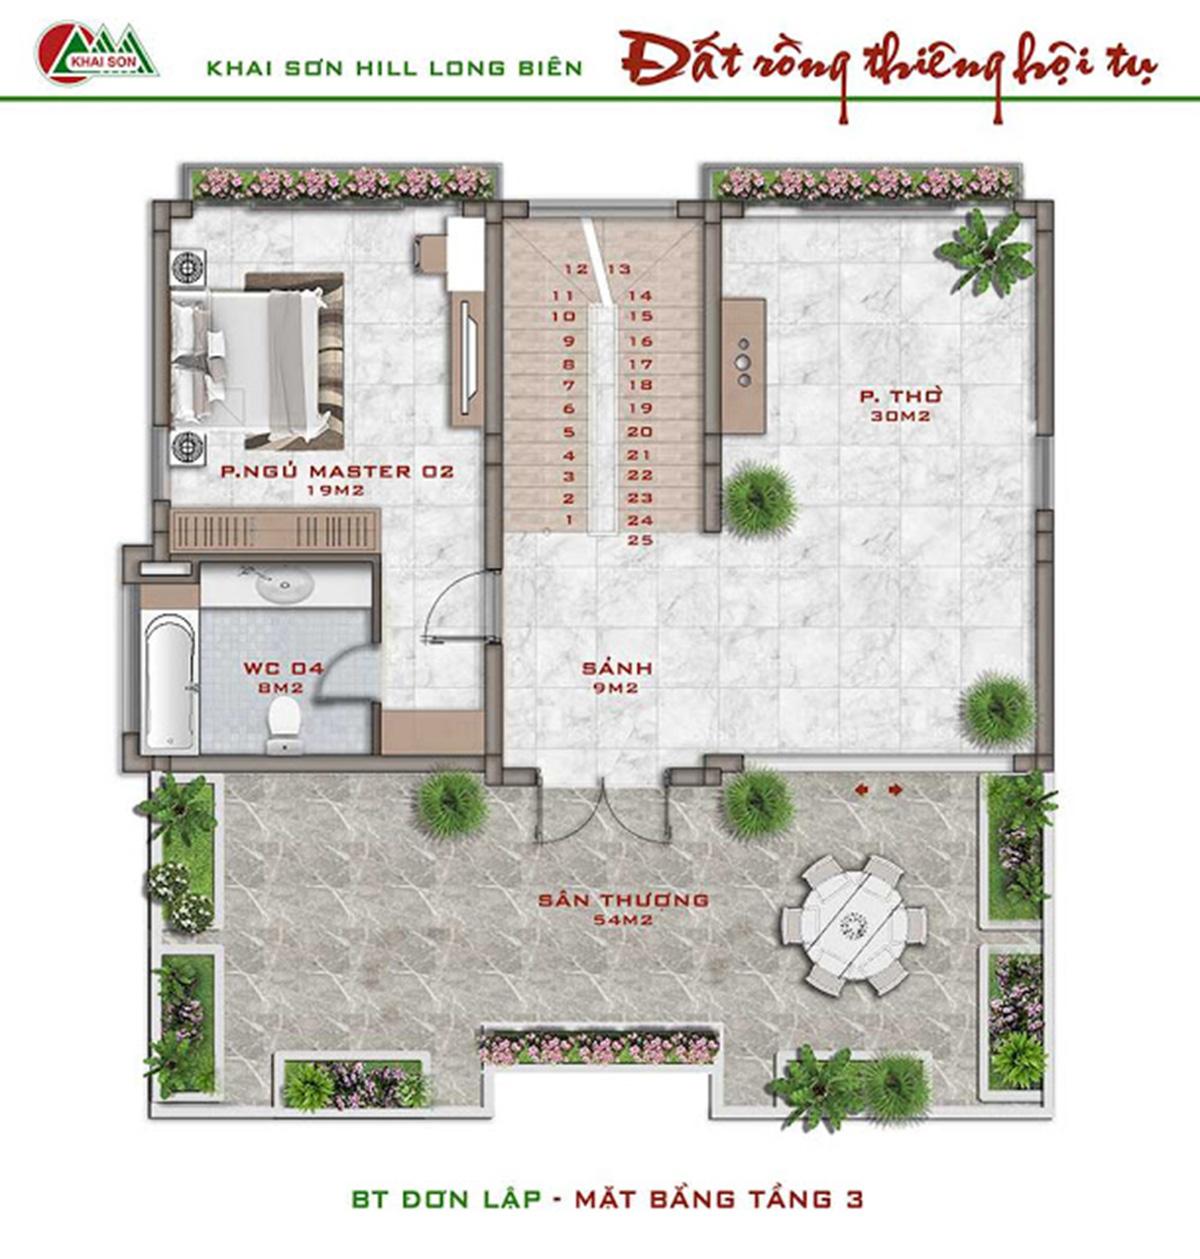 Biệt thự đơn lập Khai Sơn City Long Biển